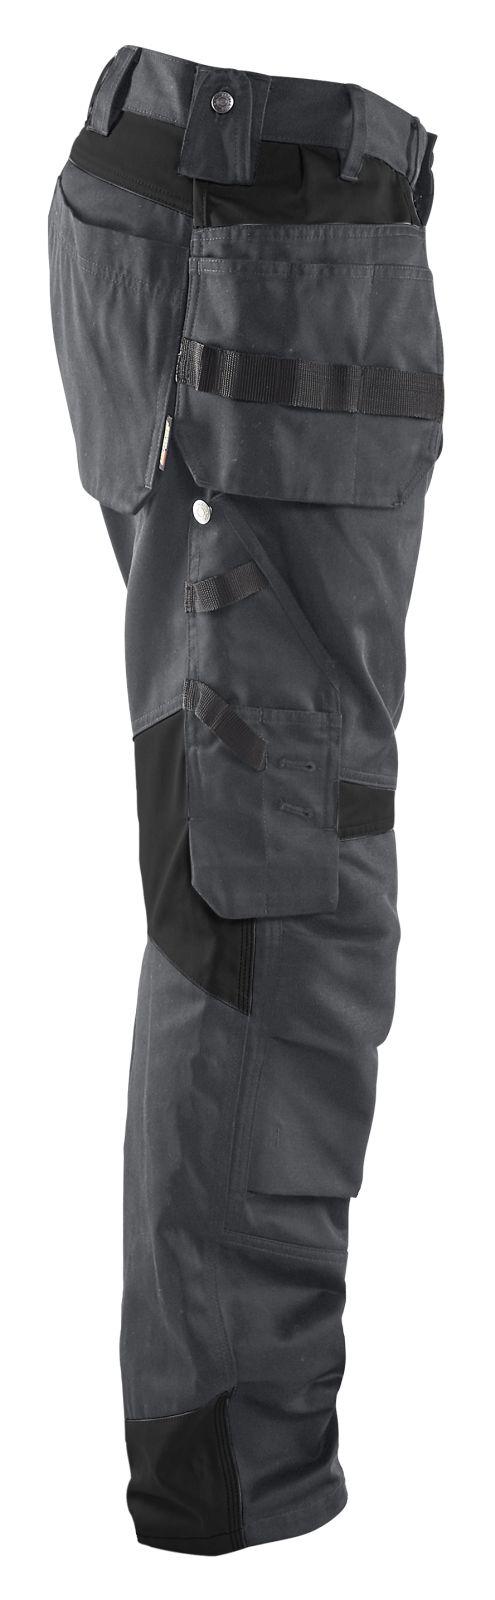 Blaklader Werkbroeken 15551860 donkergrijs-zwart(9899)